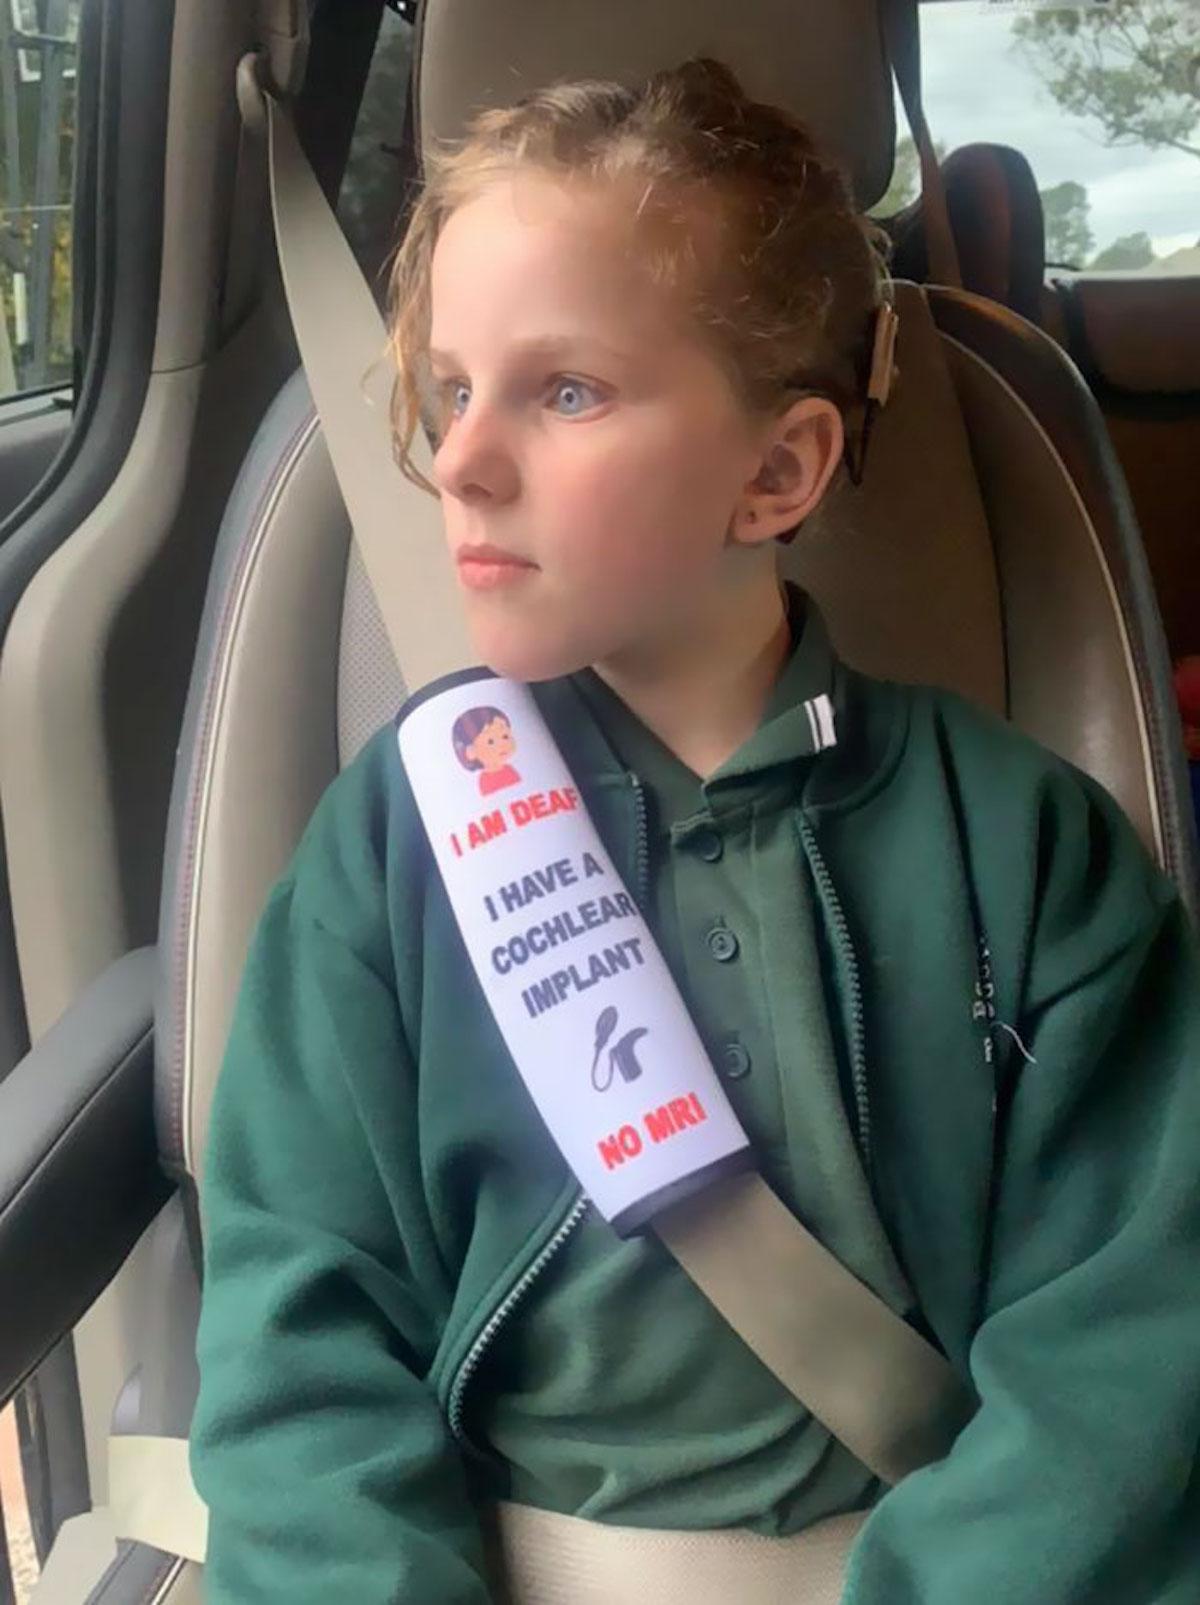 Housse de ceinture qui avertit des problèmes de santé des enfants